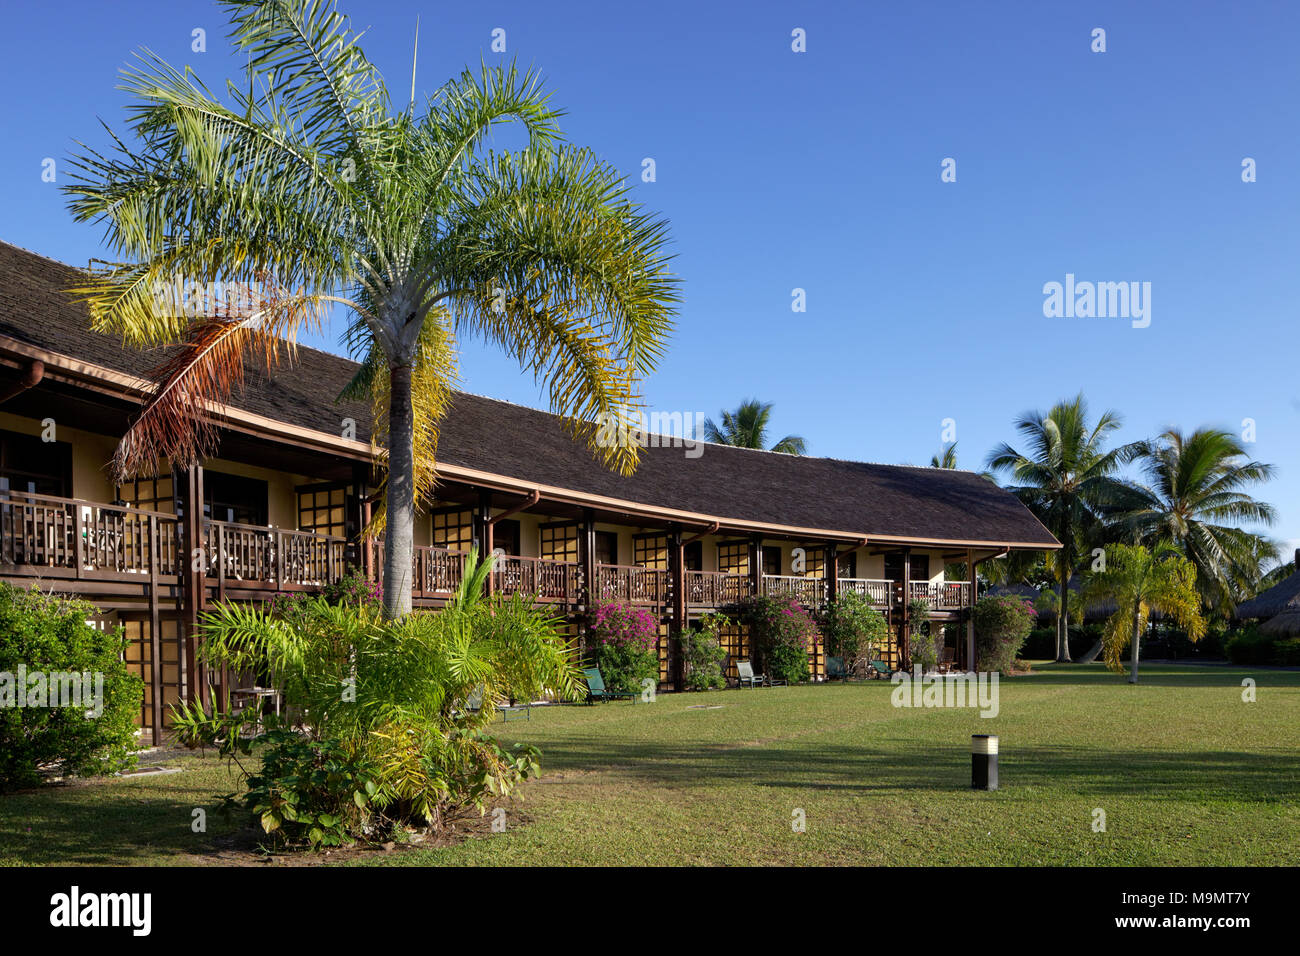 Edificio con appartamenti, palme, giardino, hotel di lusso, Interconti Resort Moorea, Isole della Società, isole sotto il vento Immagini Stock